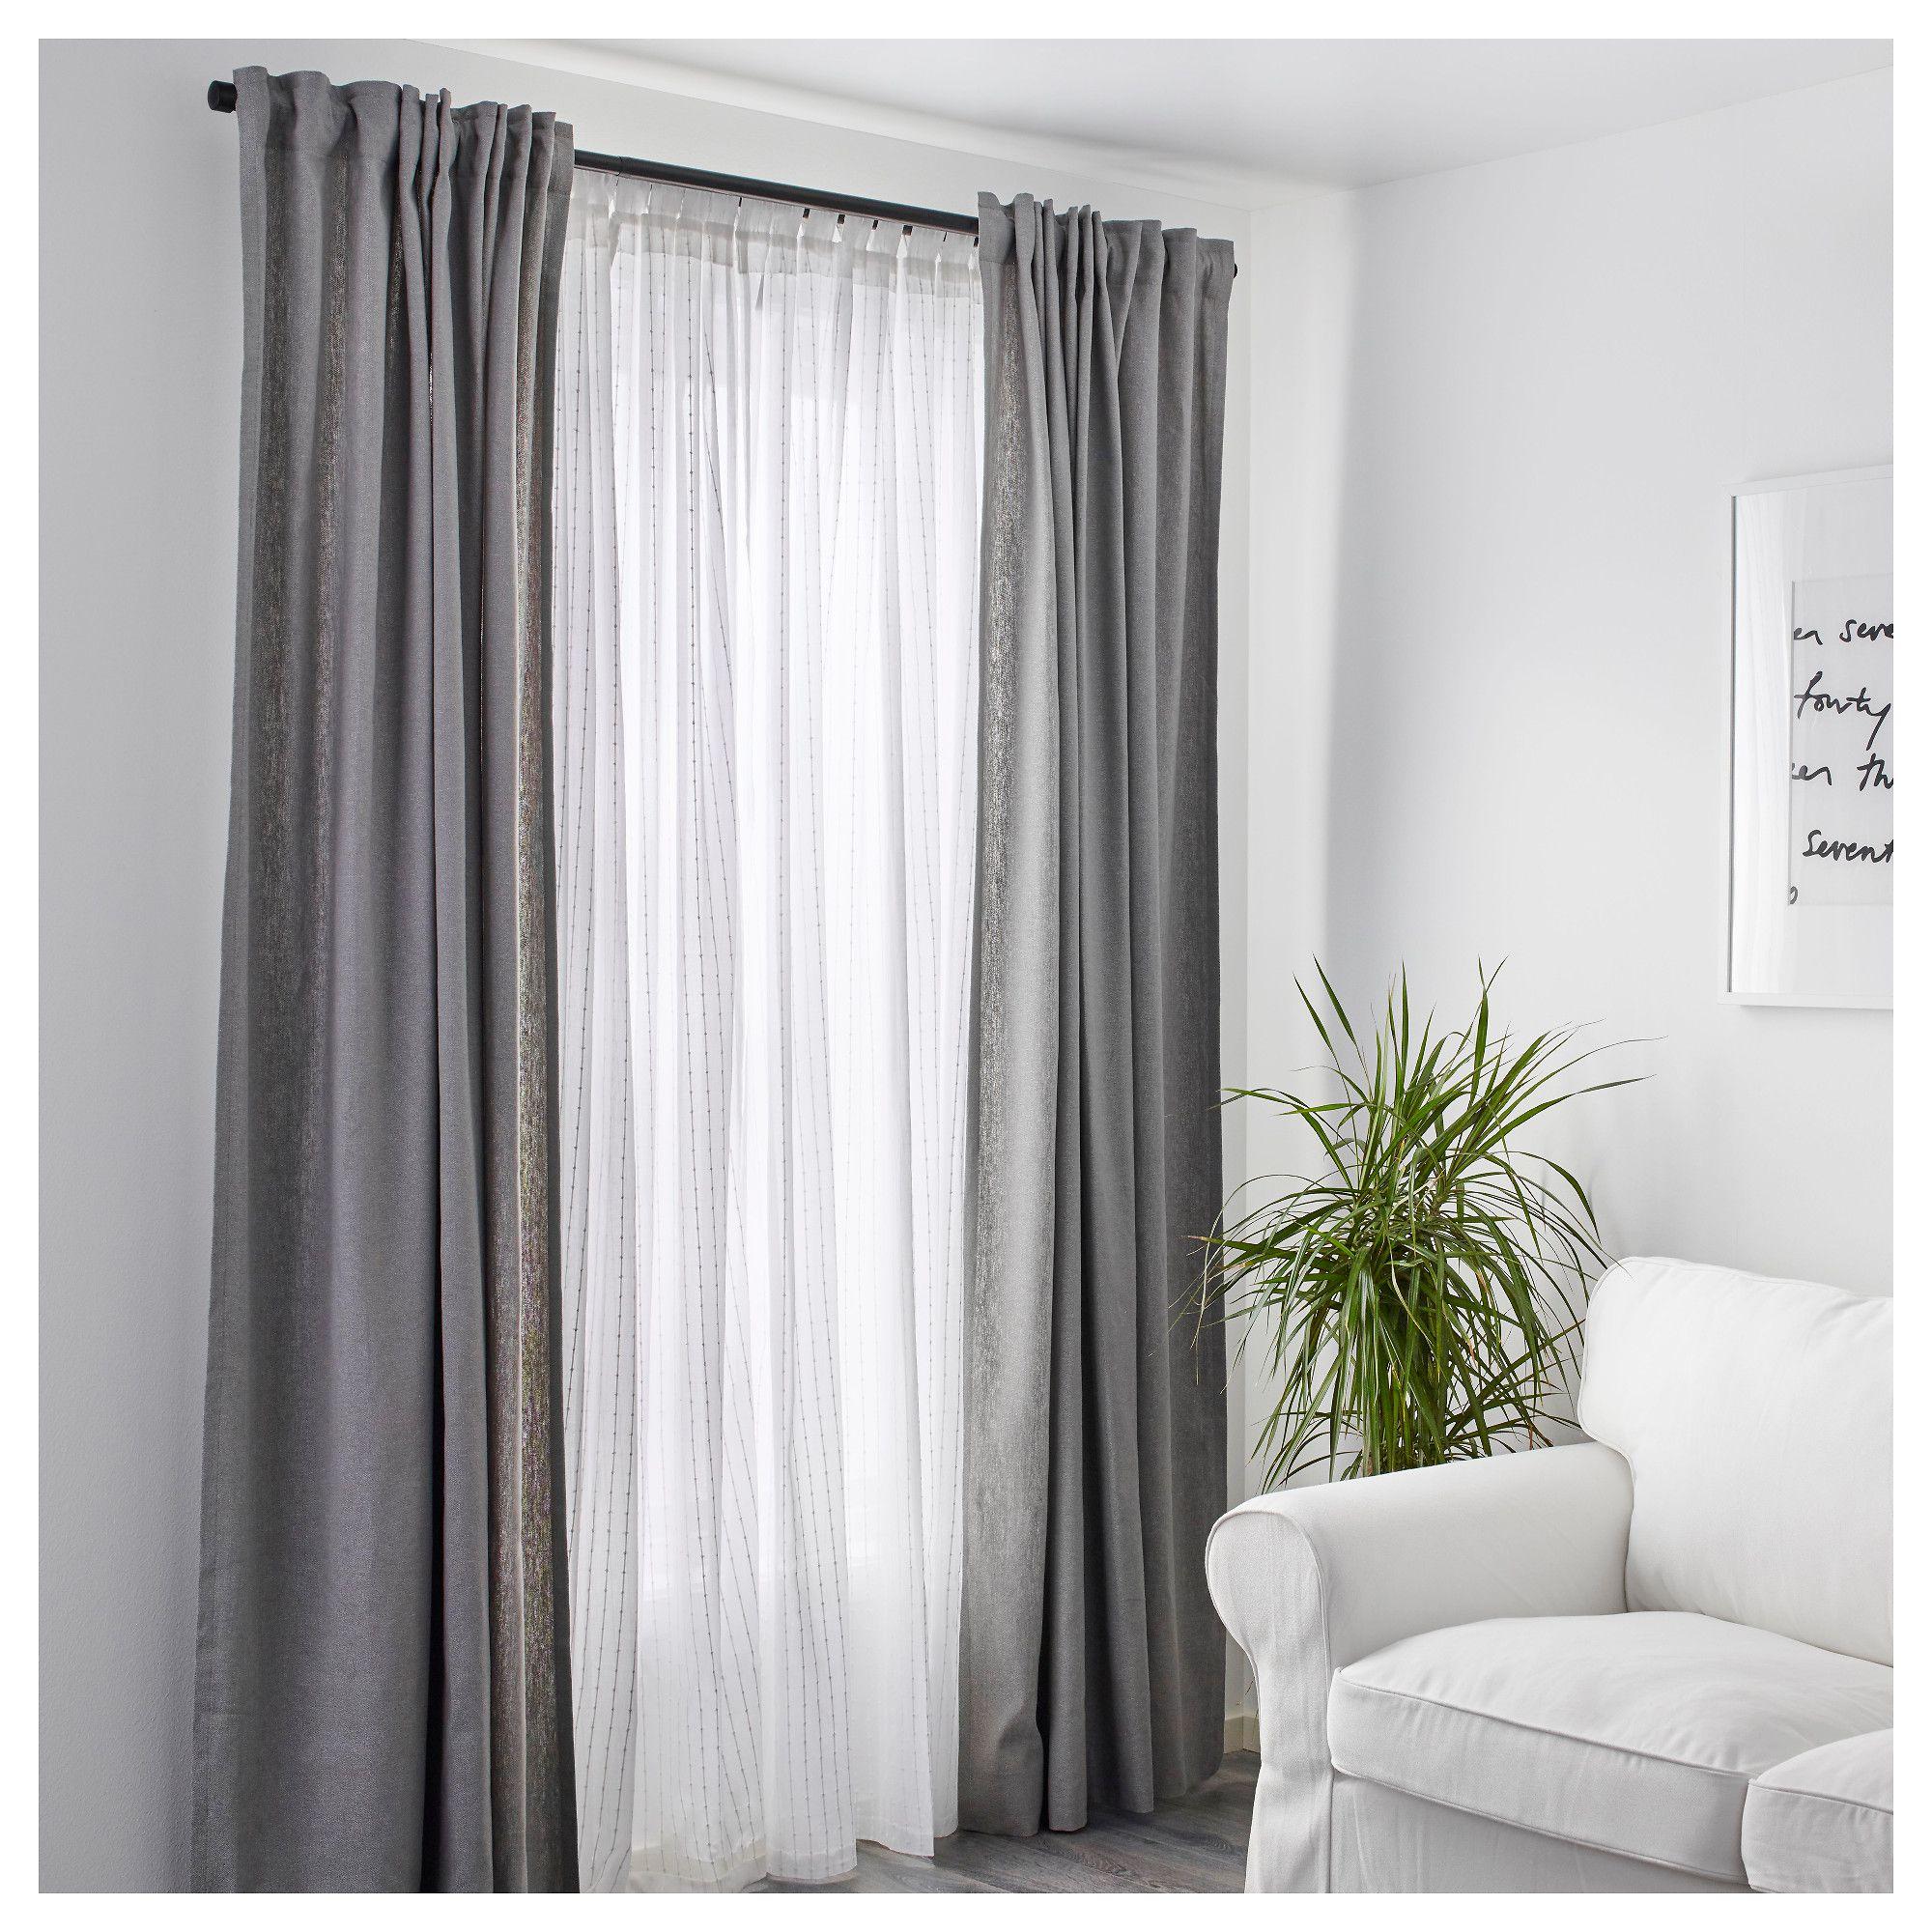 matilda sheer curtains 1 pair white 140x250 cm - Cortinas Salon